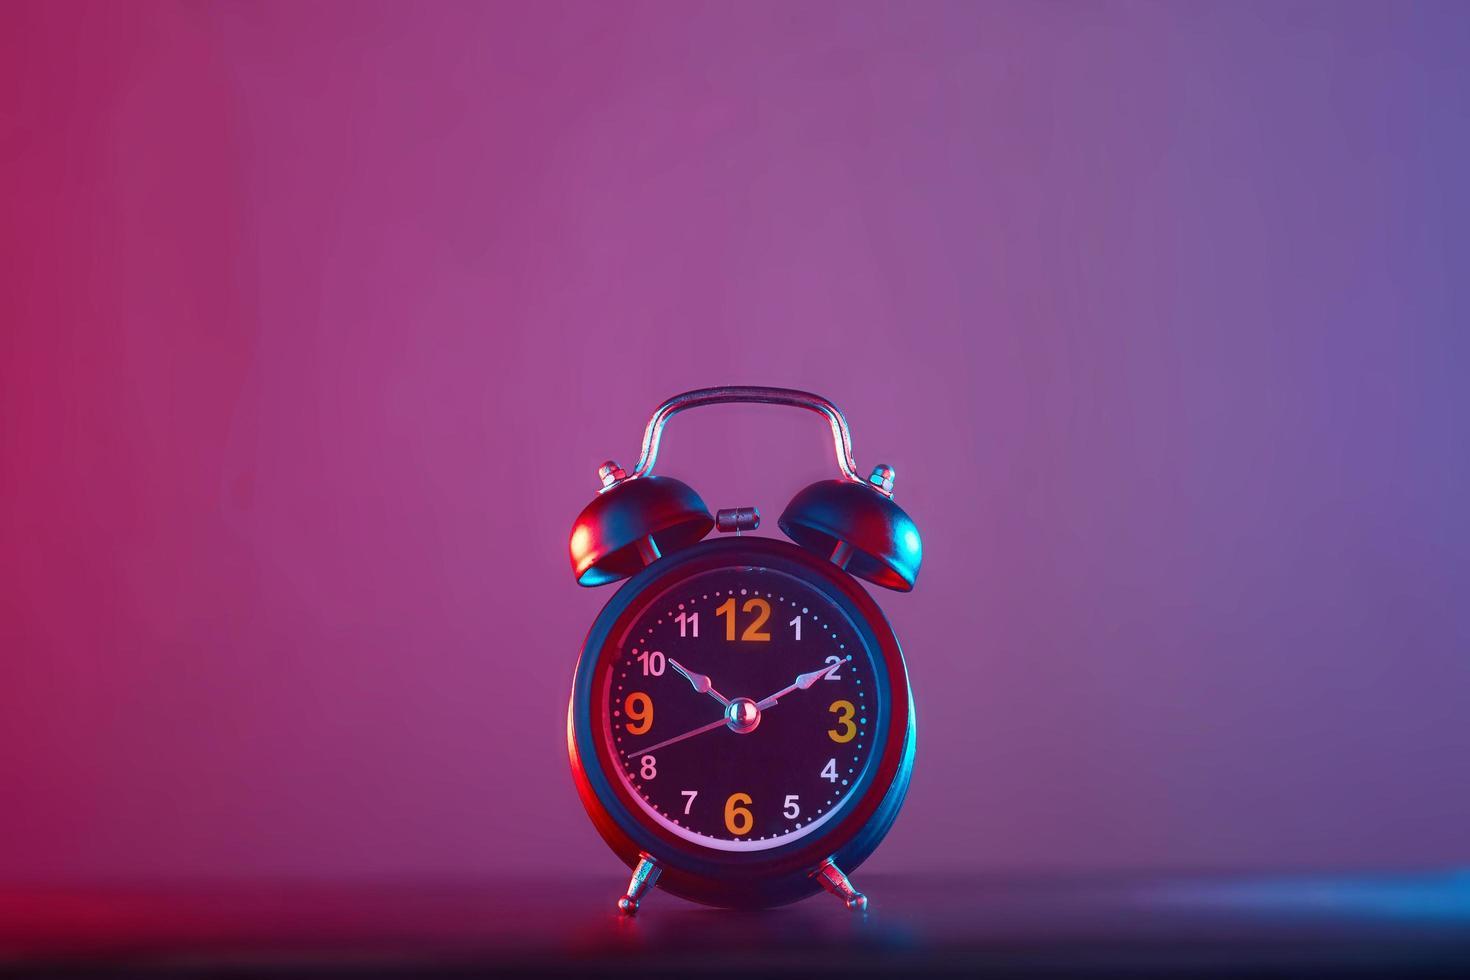 Wecker auf buntem Hintergrund foto